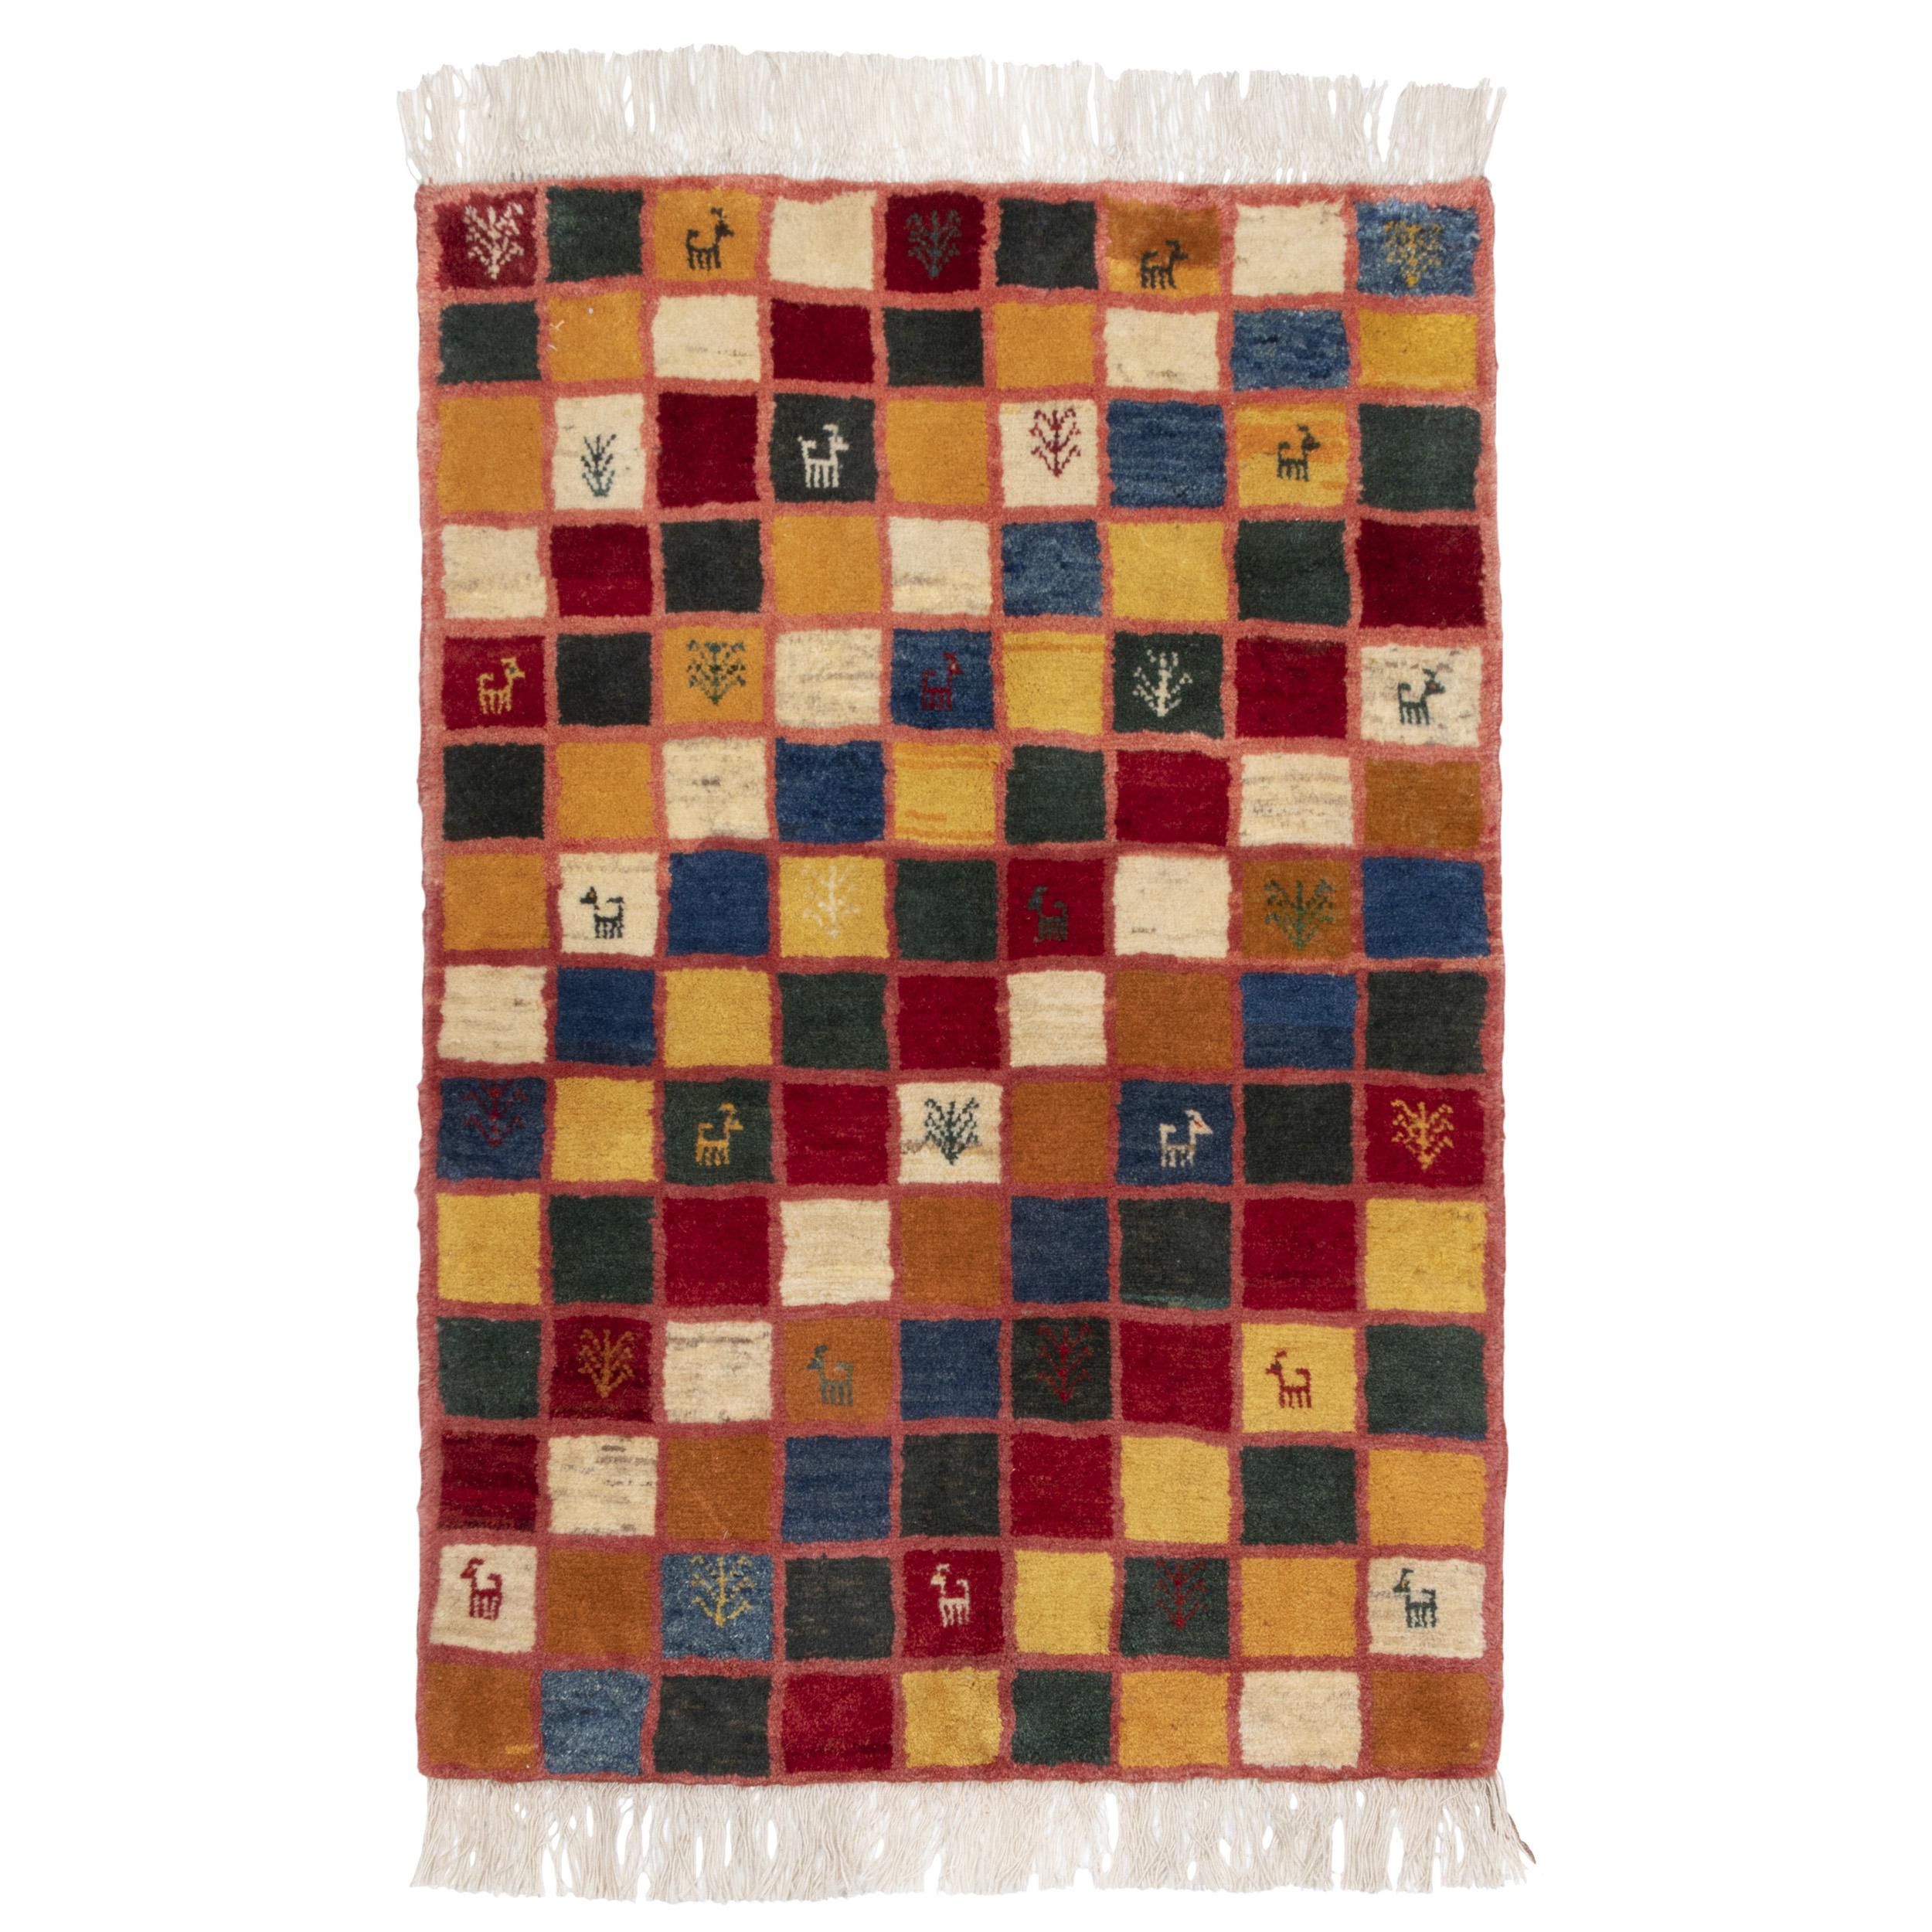 گبه دستباف ذرع و نیم سی پرشیا کد 166138